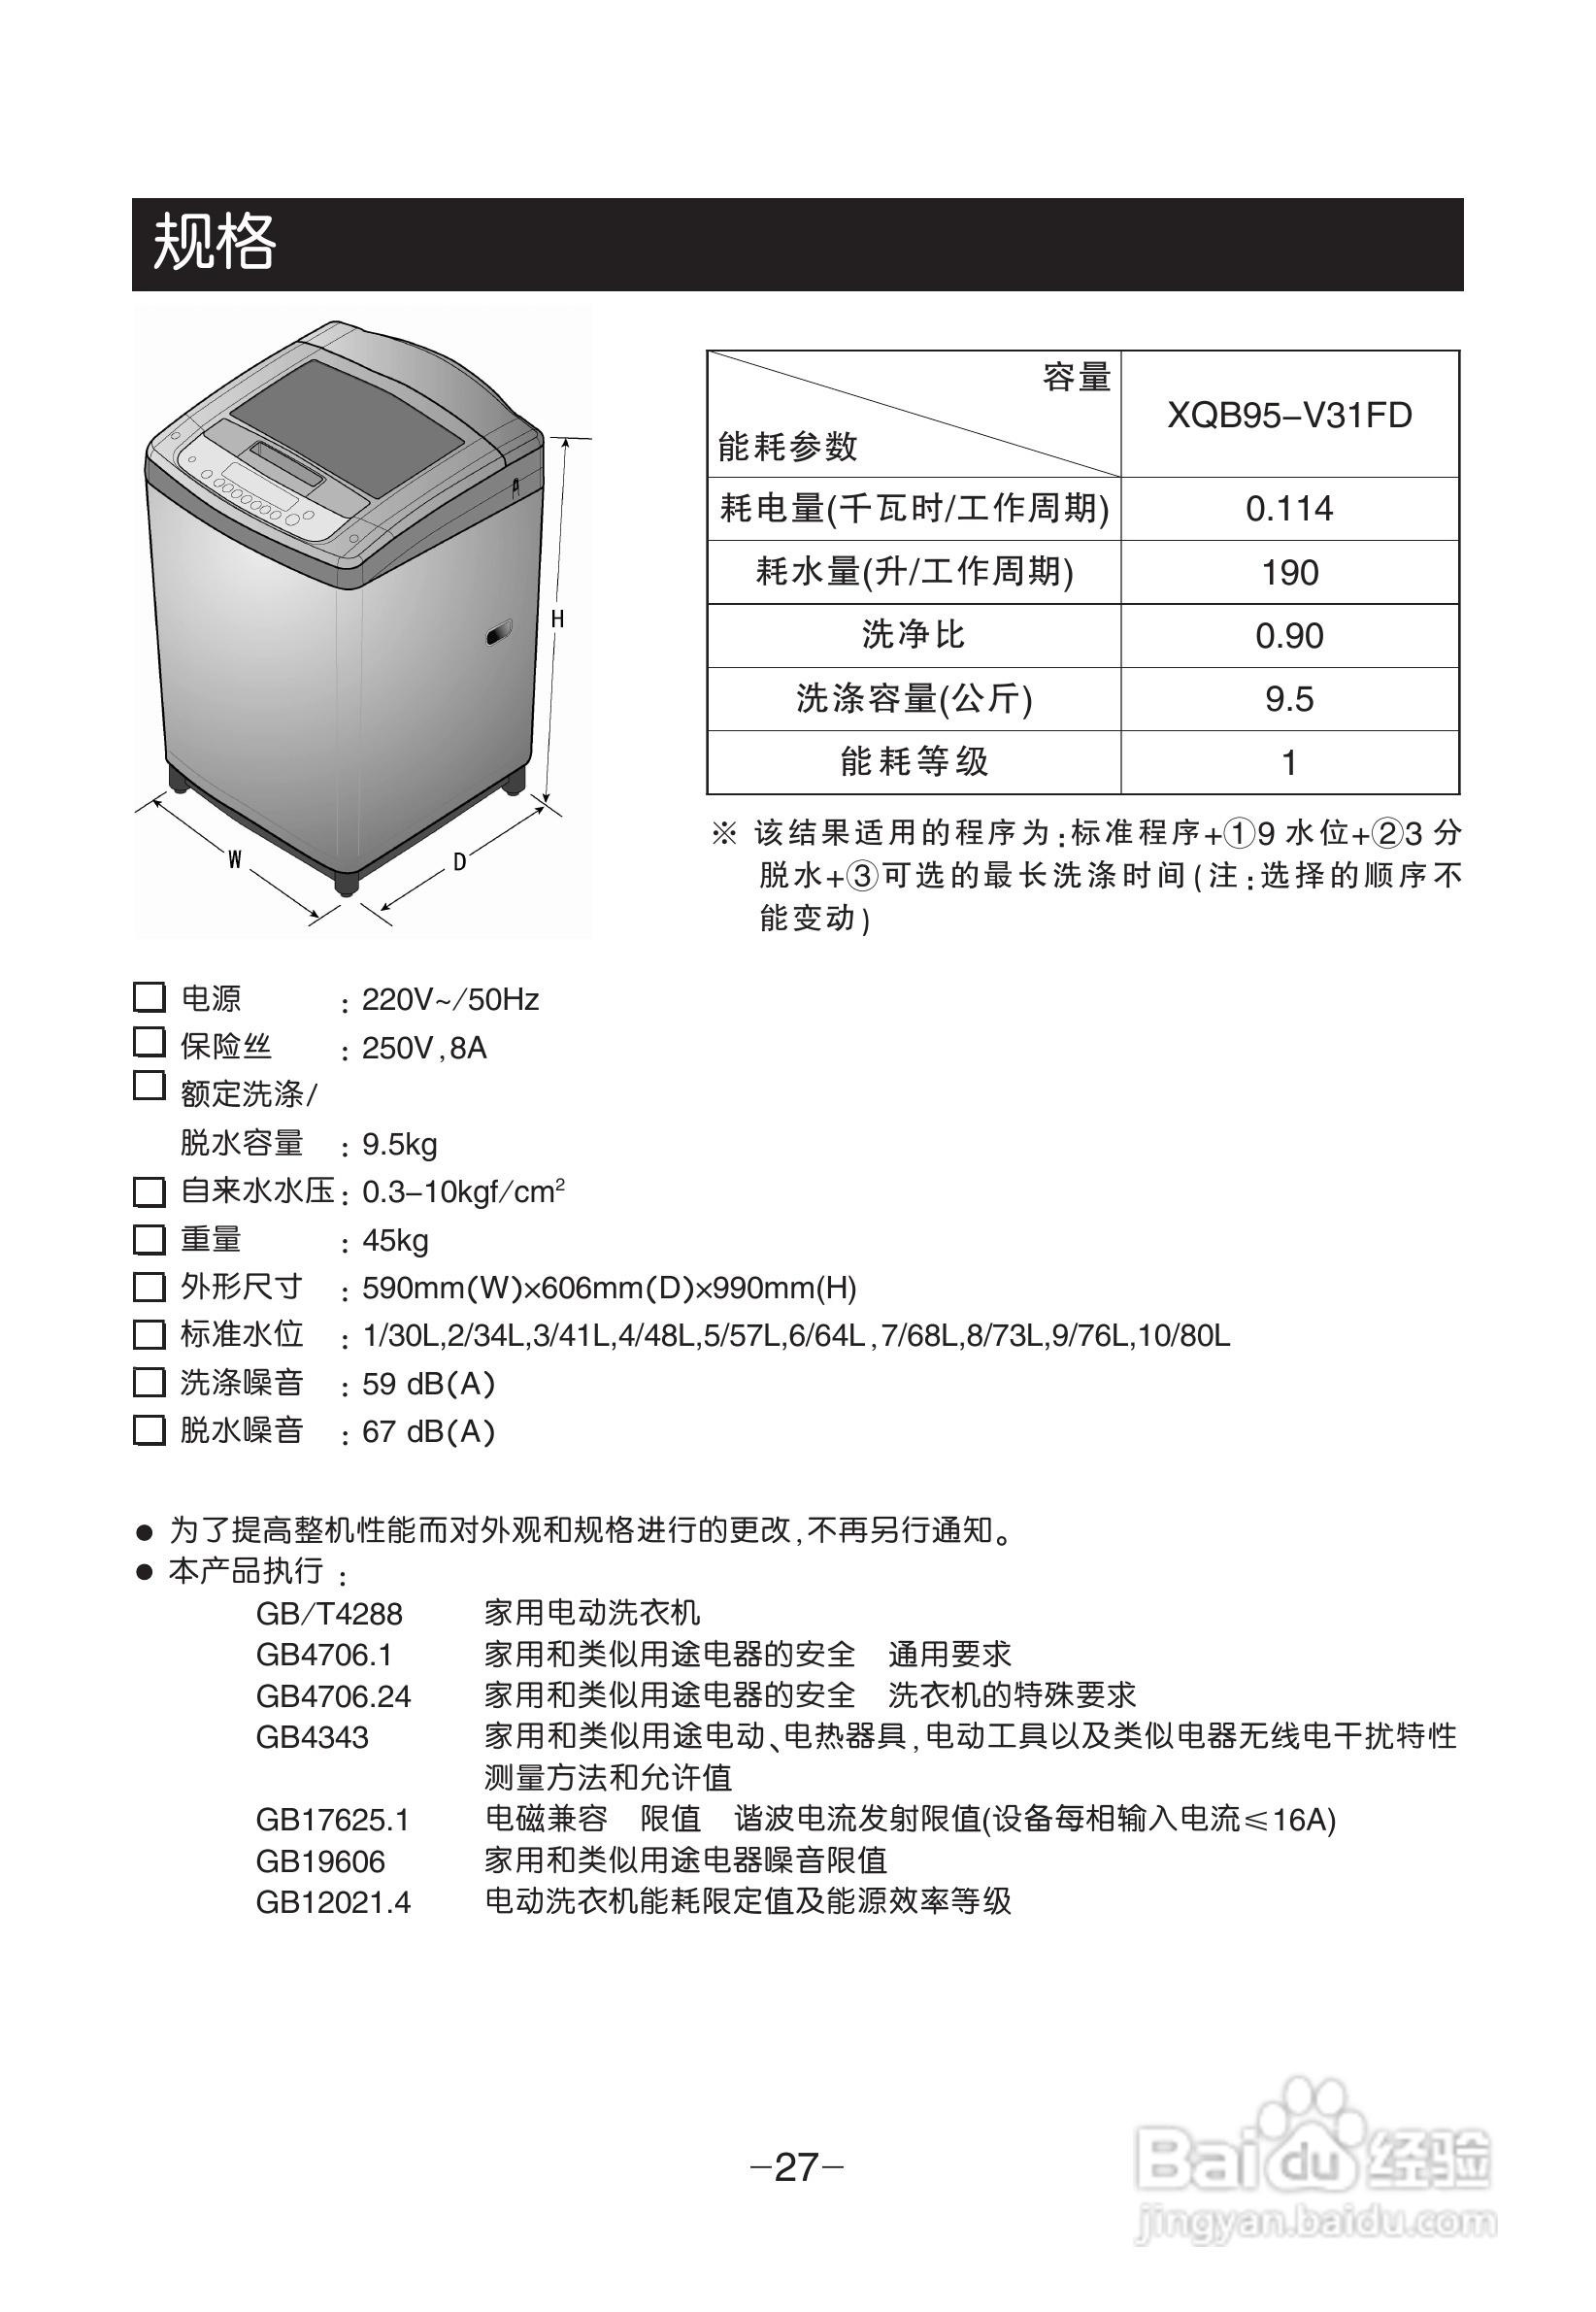 lg xqb95-v31fd洗衣机使用说明书:[3]_lg xqb80-v31pd